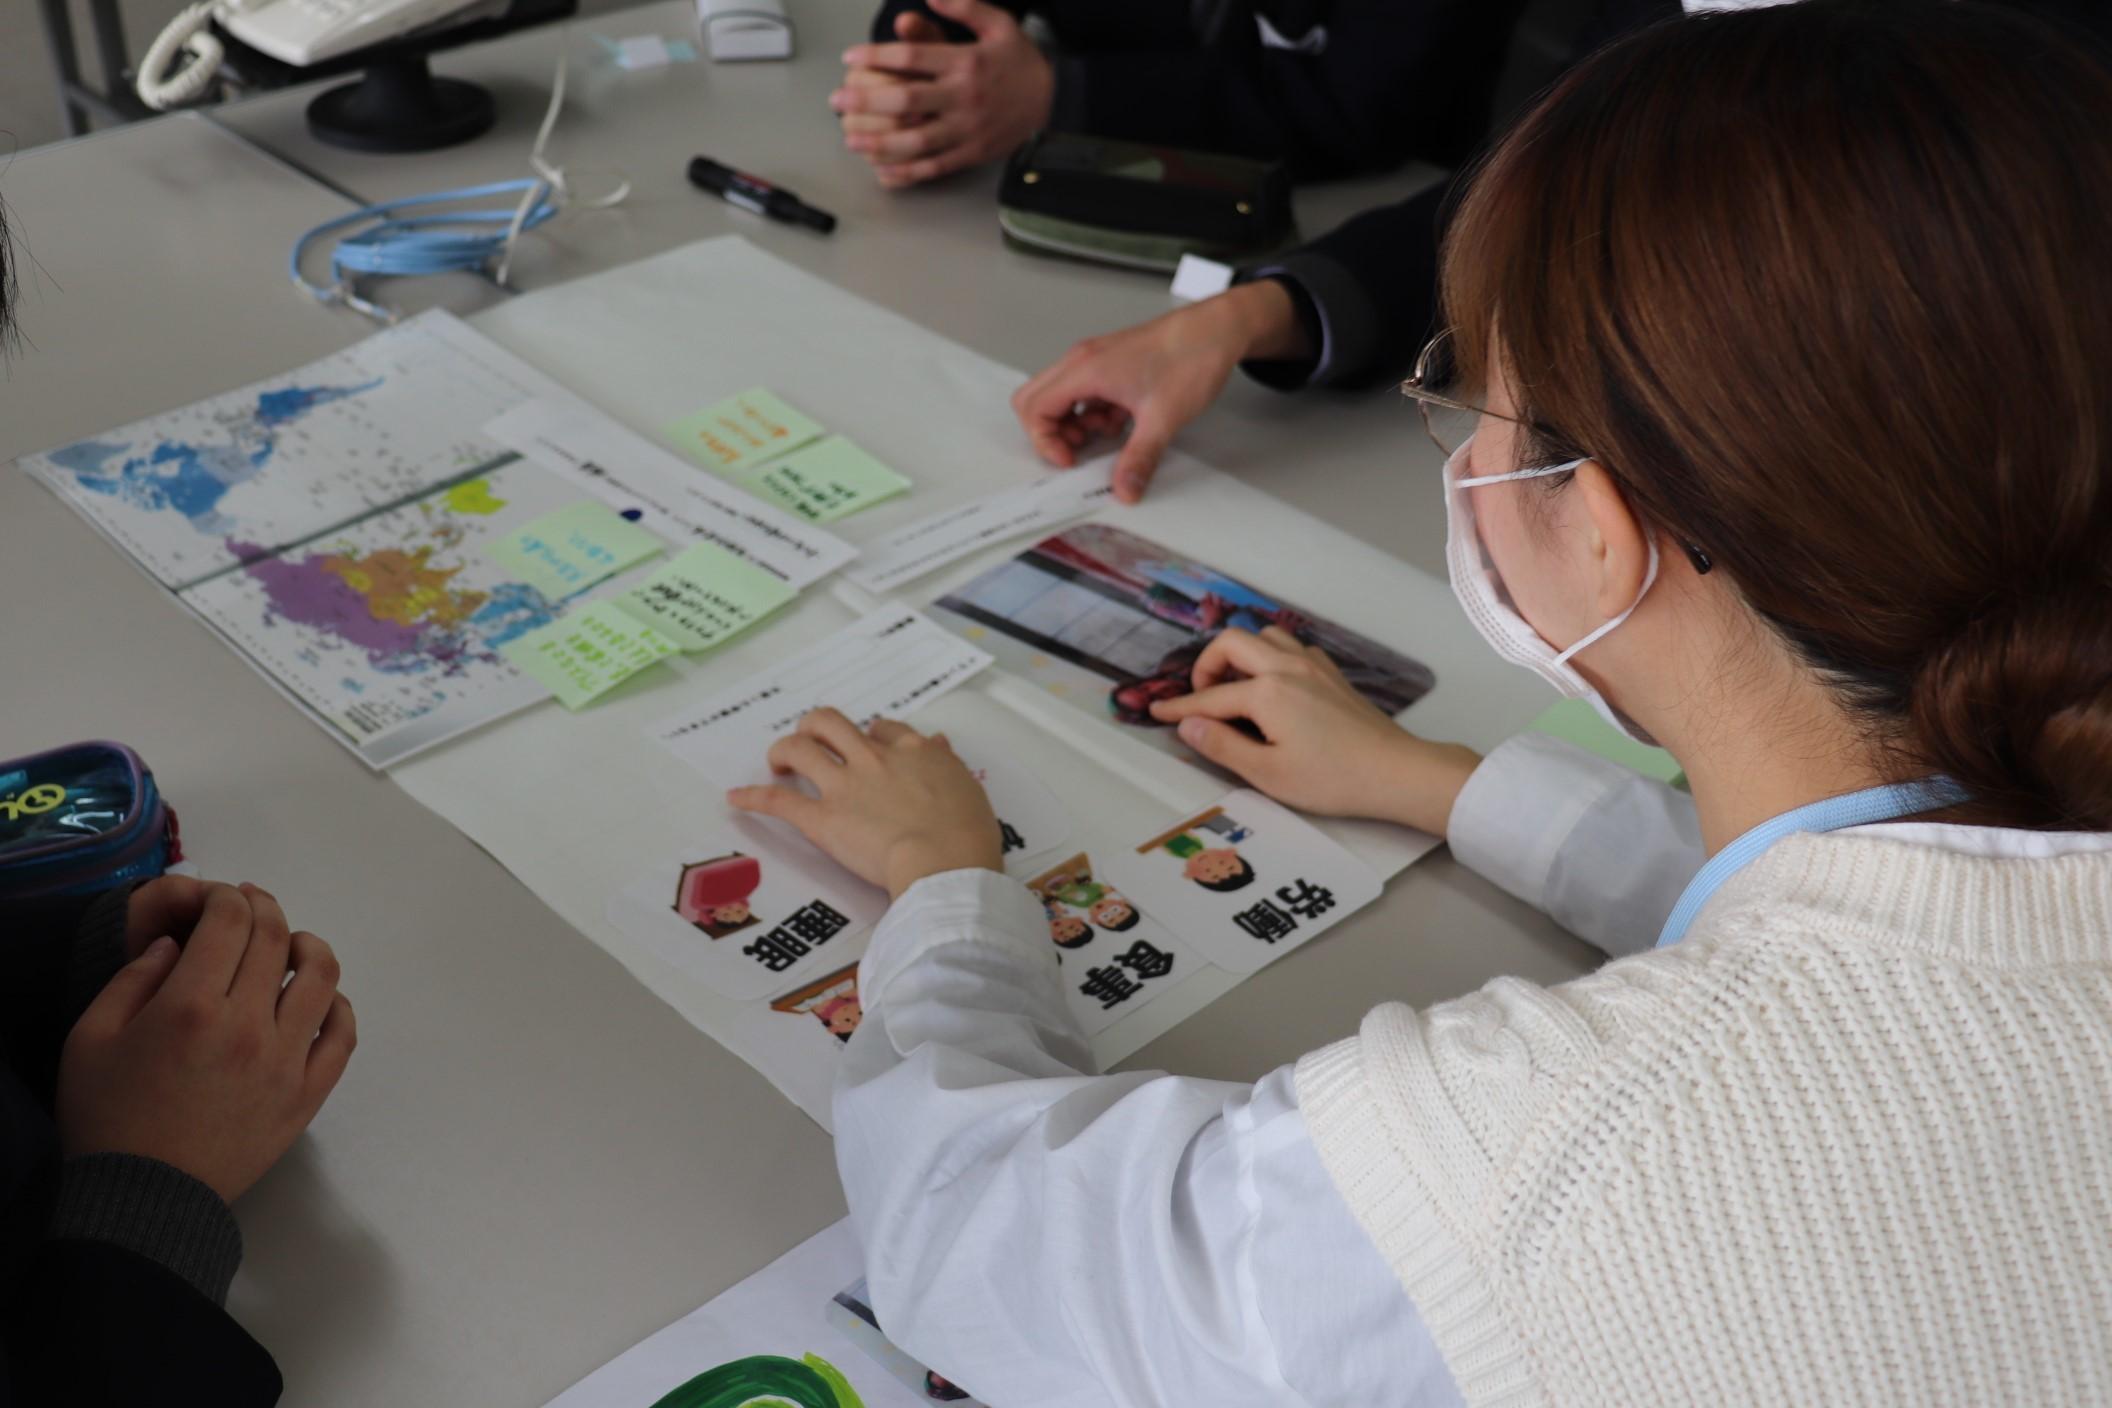 新潟県立新発田商業高校においてワークショップを行いました_c0167632_15415251.jpg